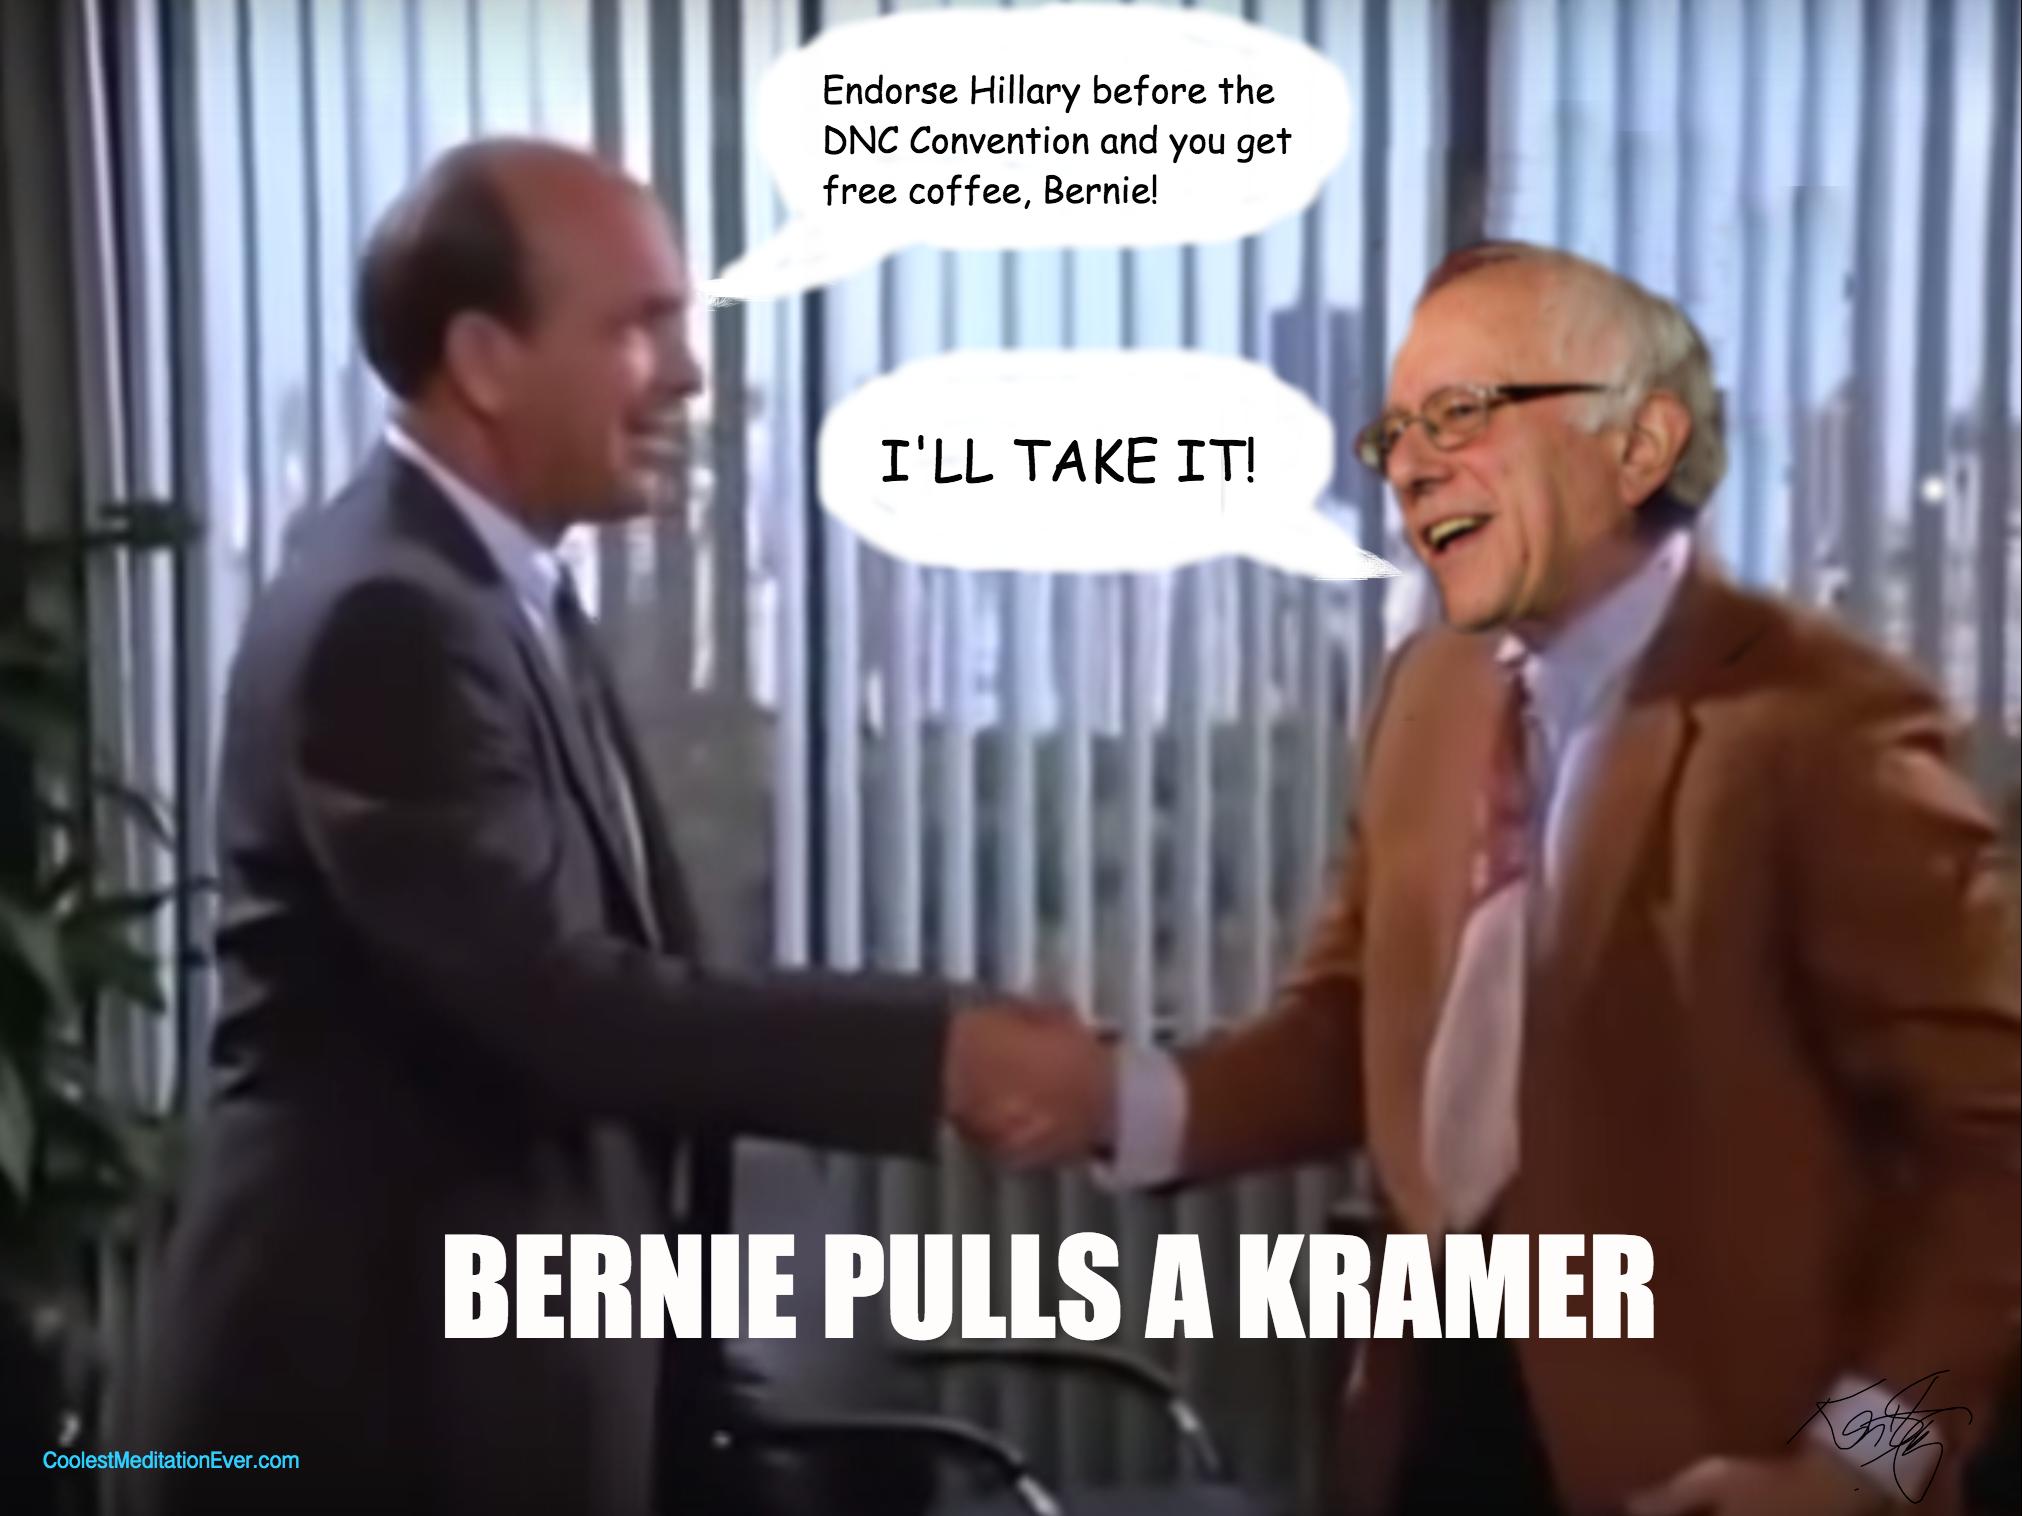 Bernie Pulls a Kramer by Ken Sheetz